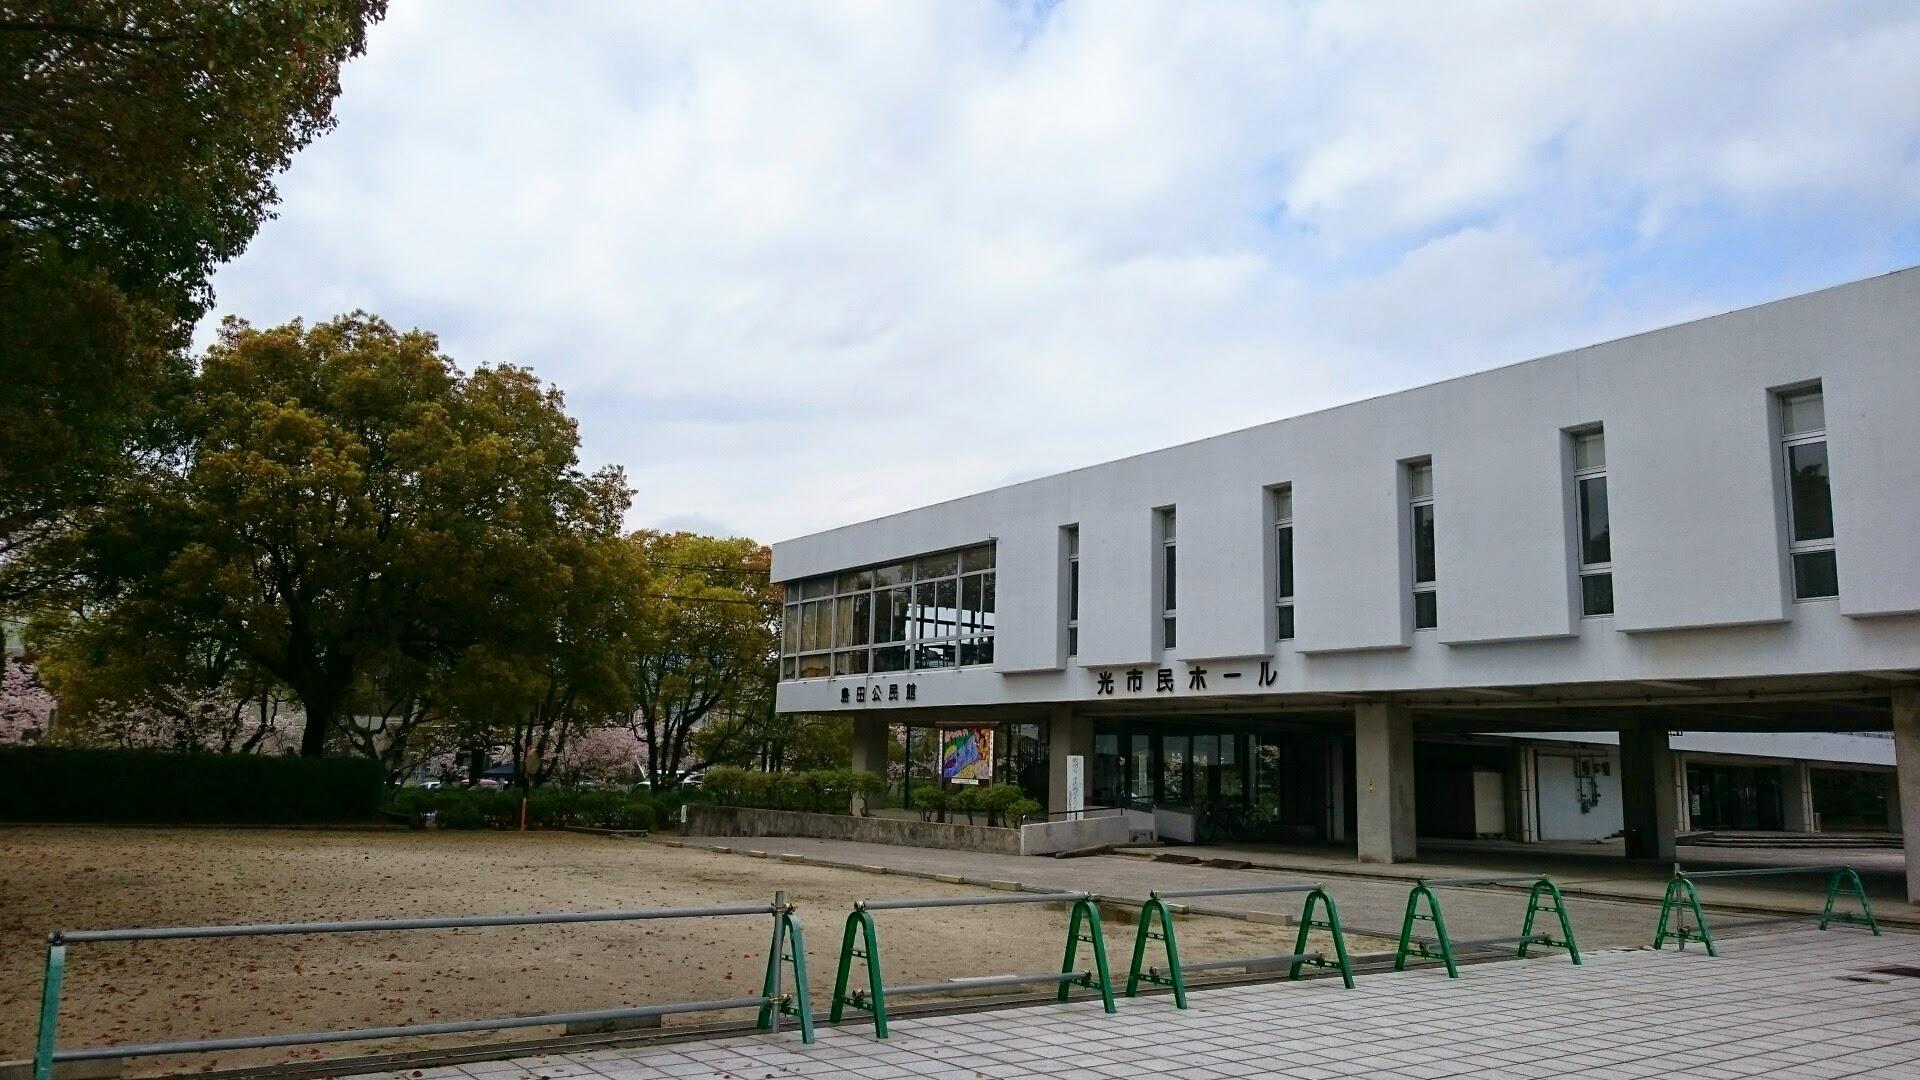 光市民ホール